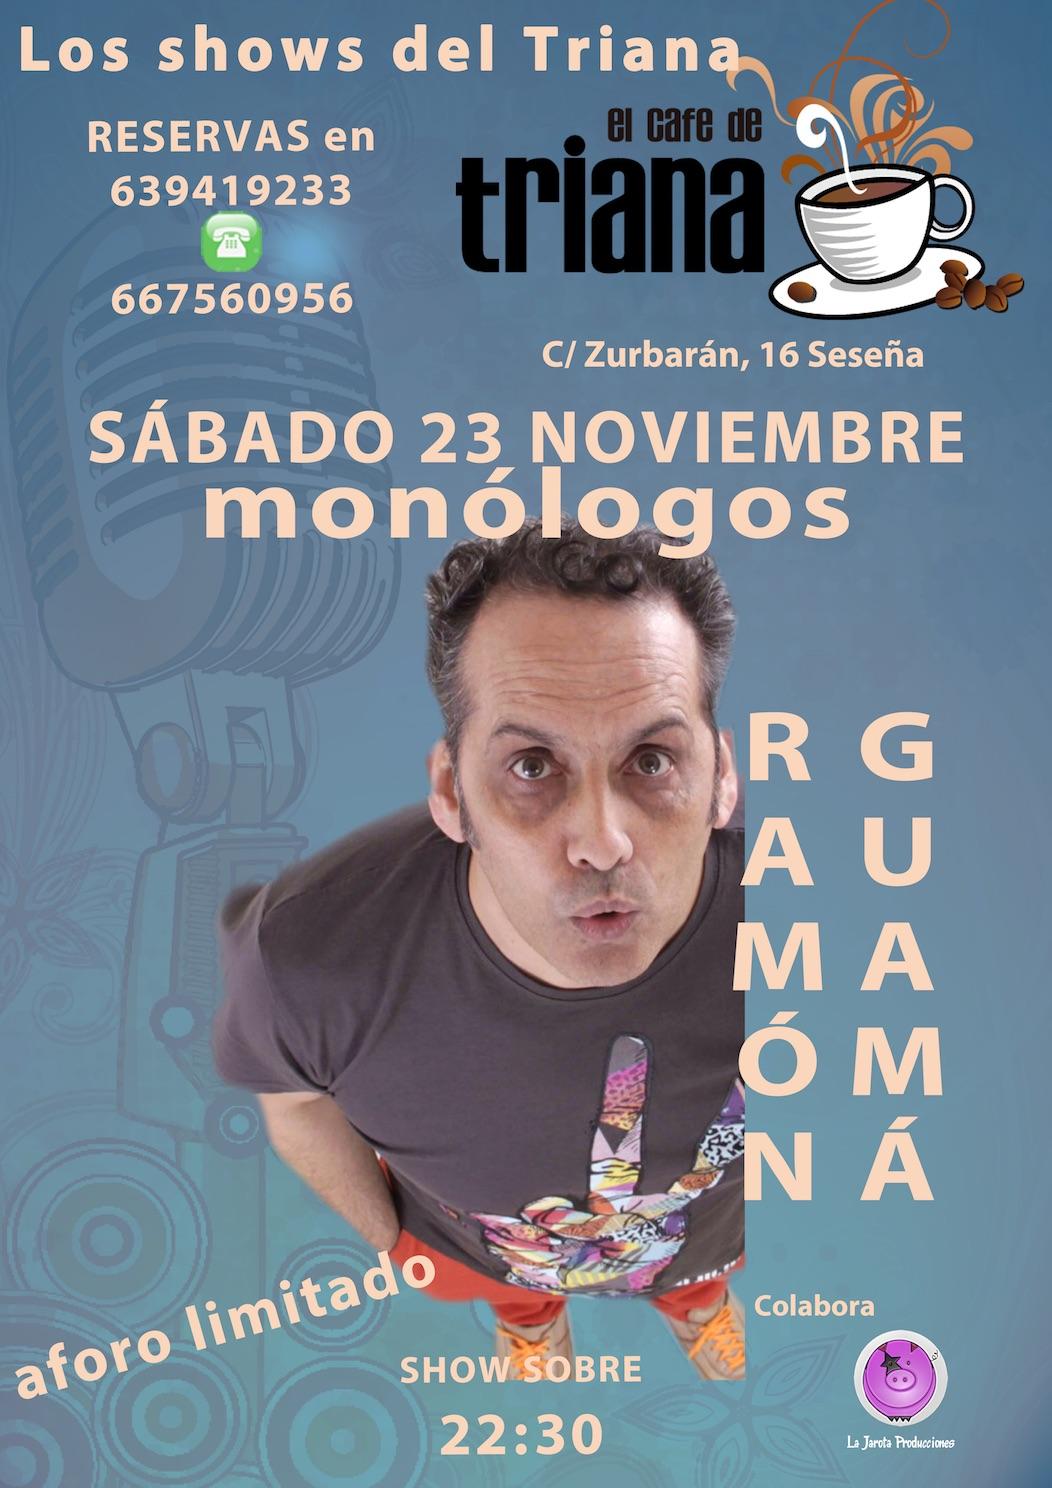 Ramón Guamá en El Café de Triana